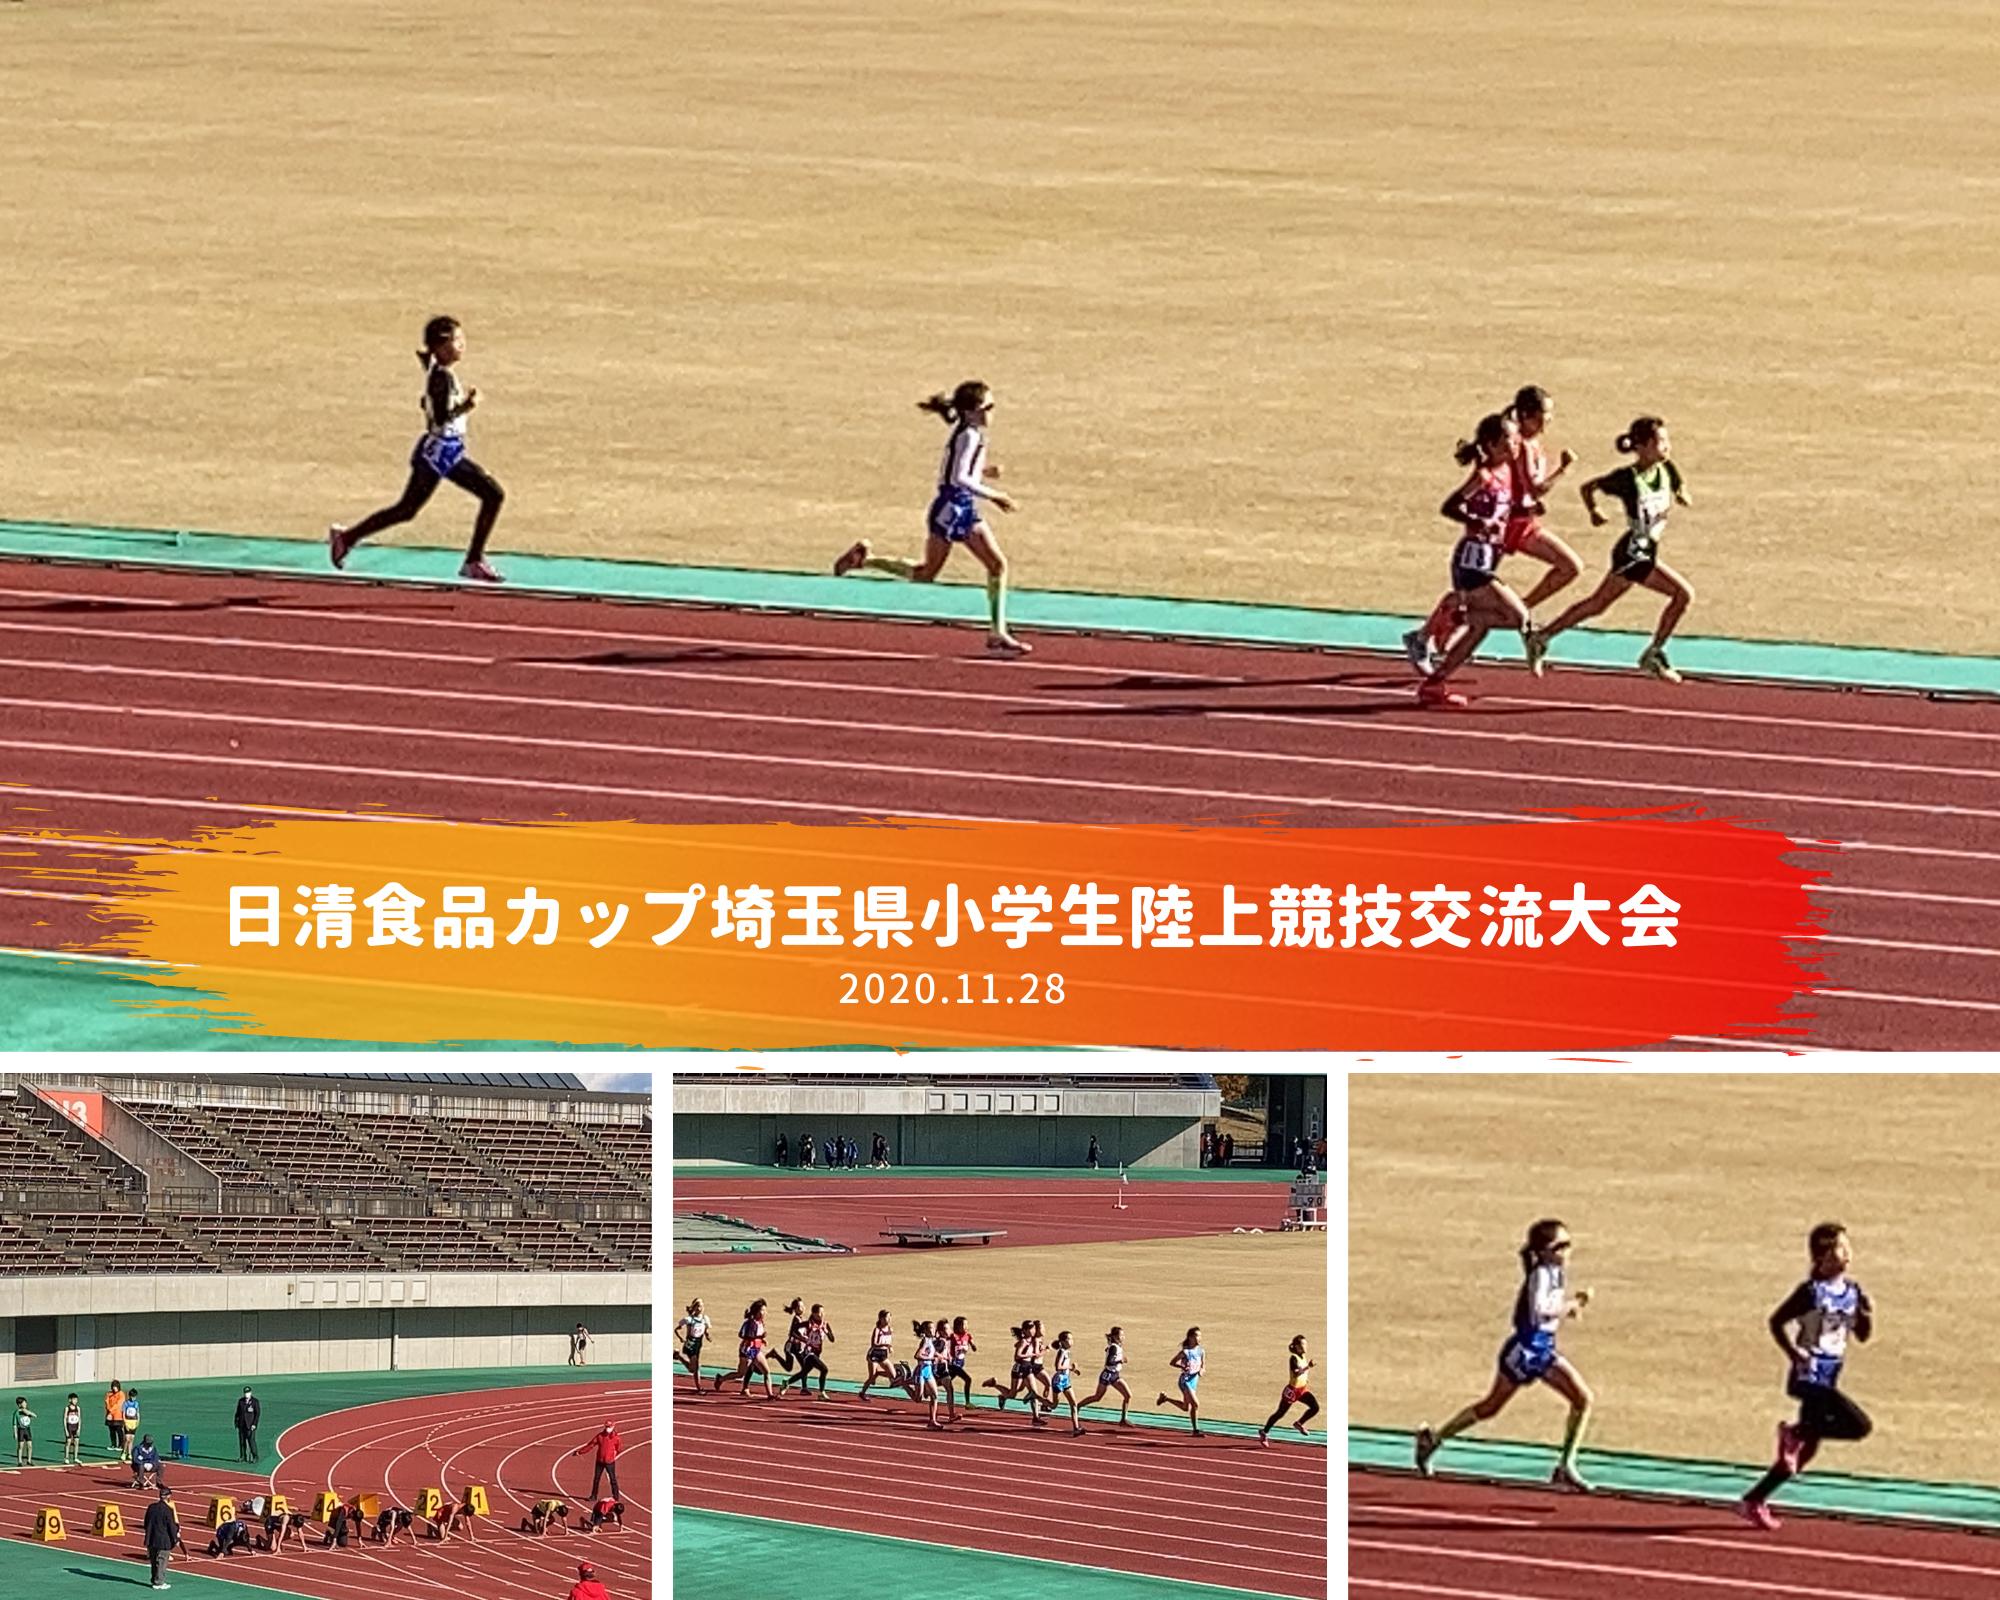 日清食品カップ埼玉県小学生陸上競技交流大会